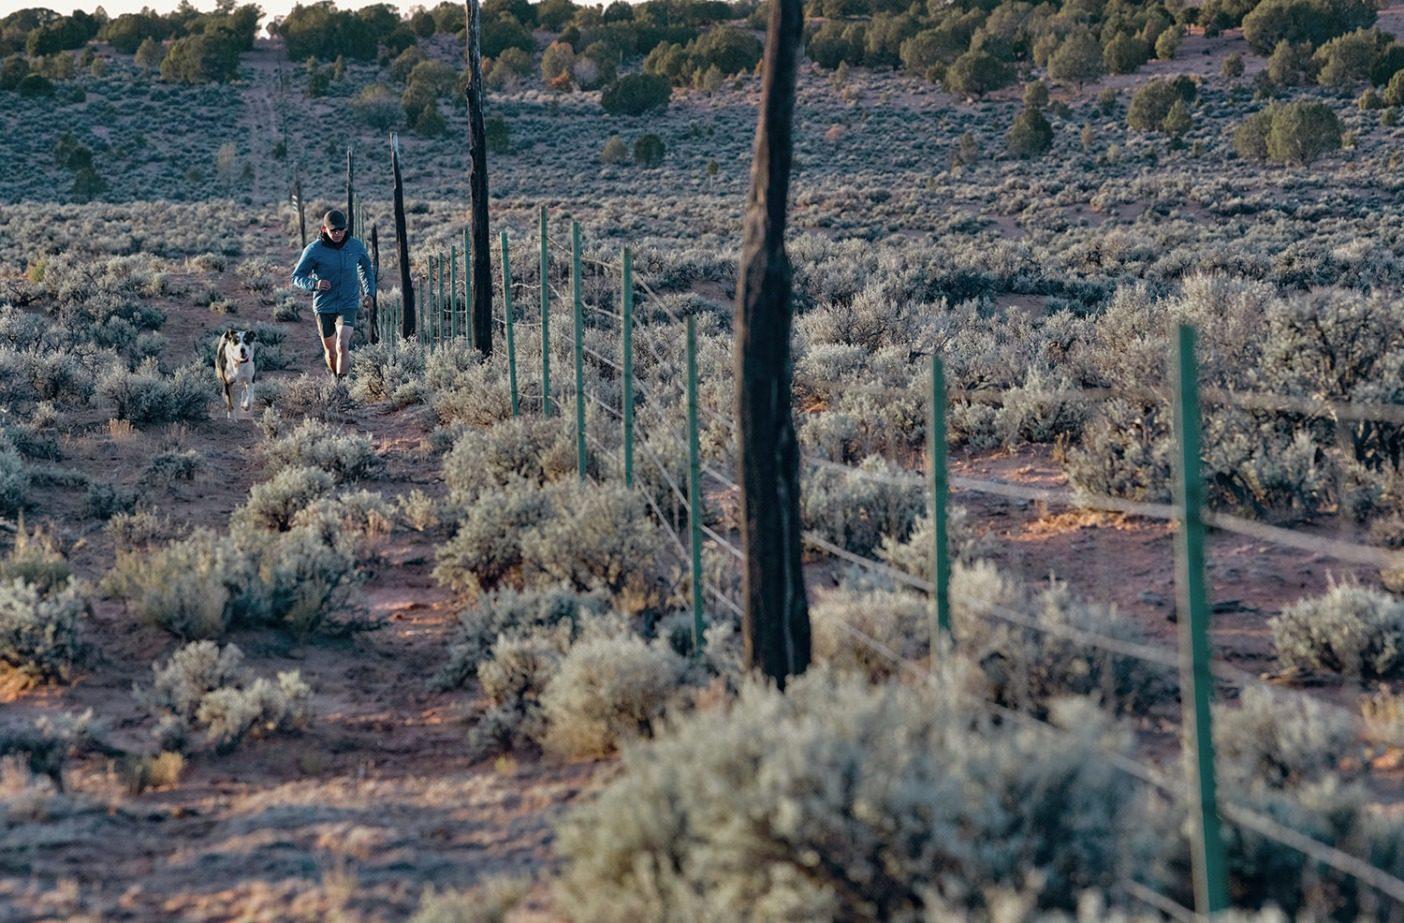 牧場を囲む柵を走りながらチェックするイーライ(と、彼のランニングパートナーである犬のトラクター)。Photo: Ace Kvale